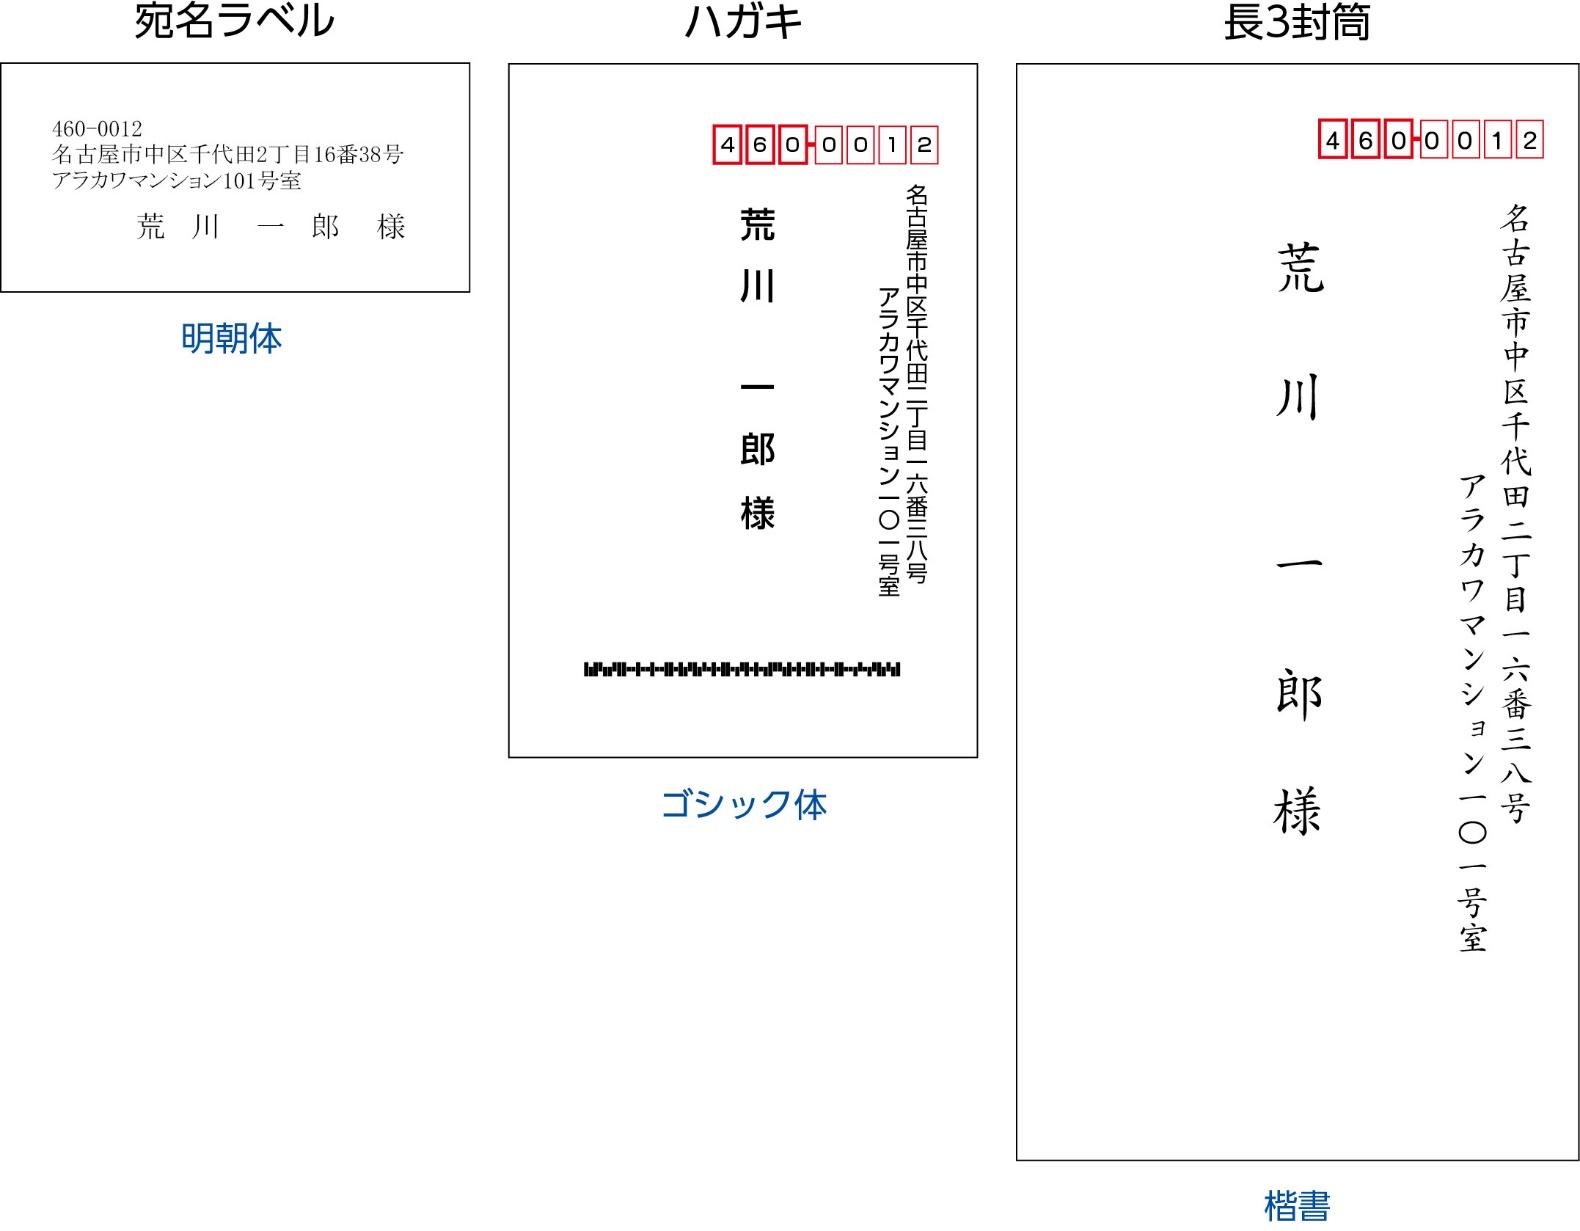 image2-4